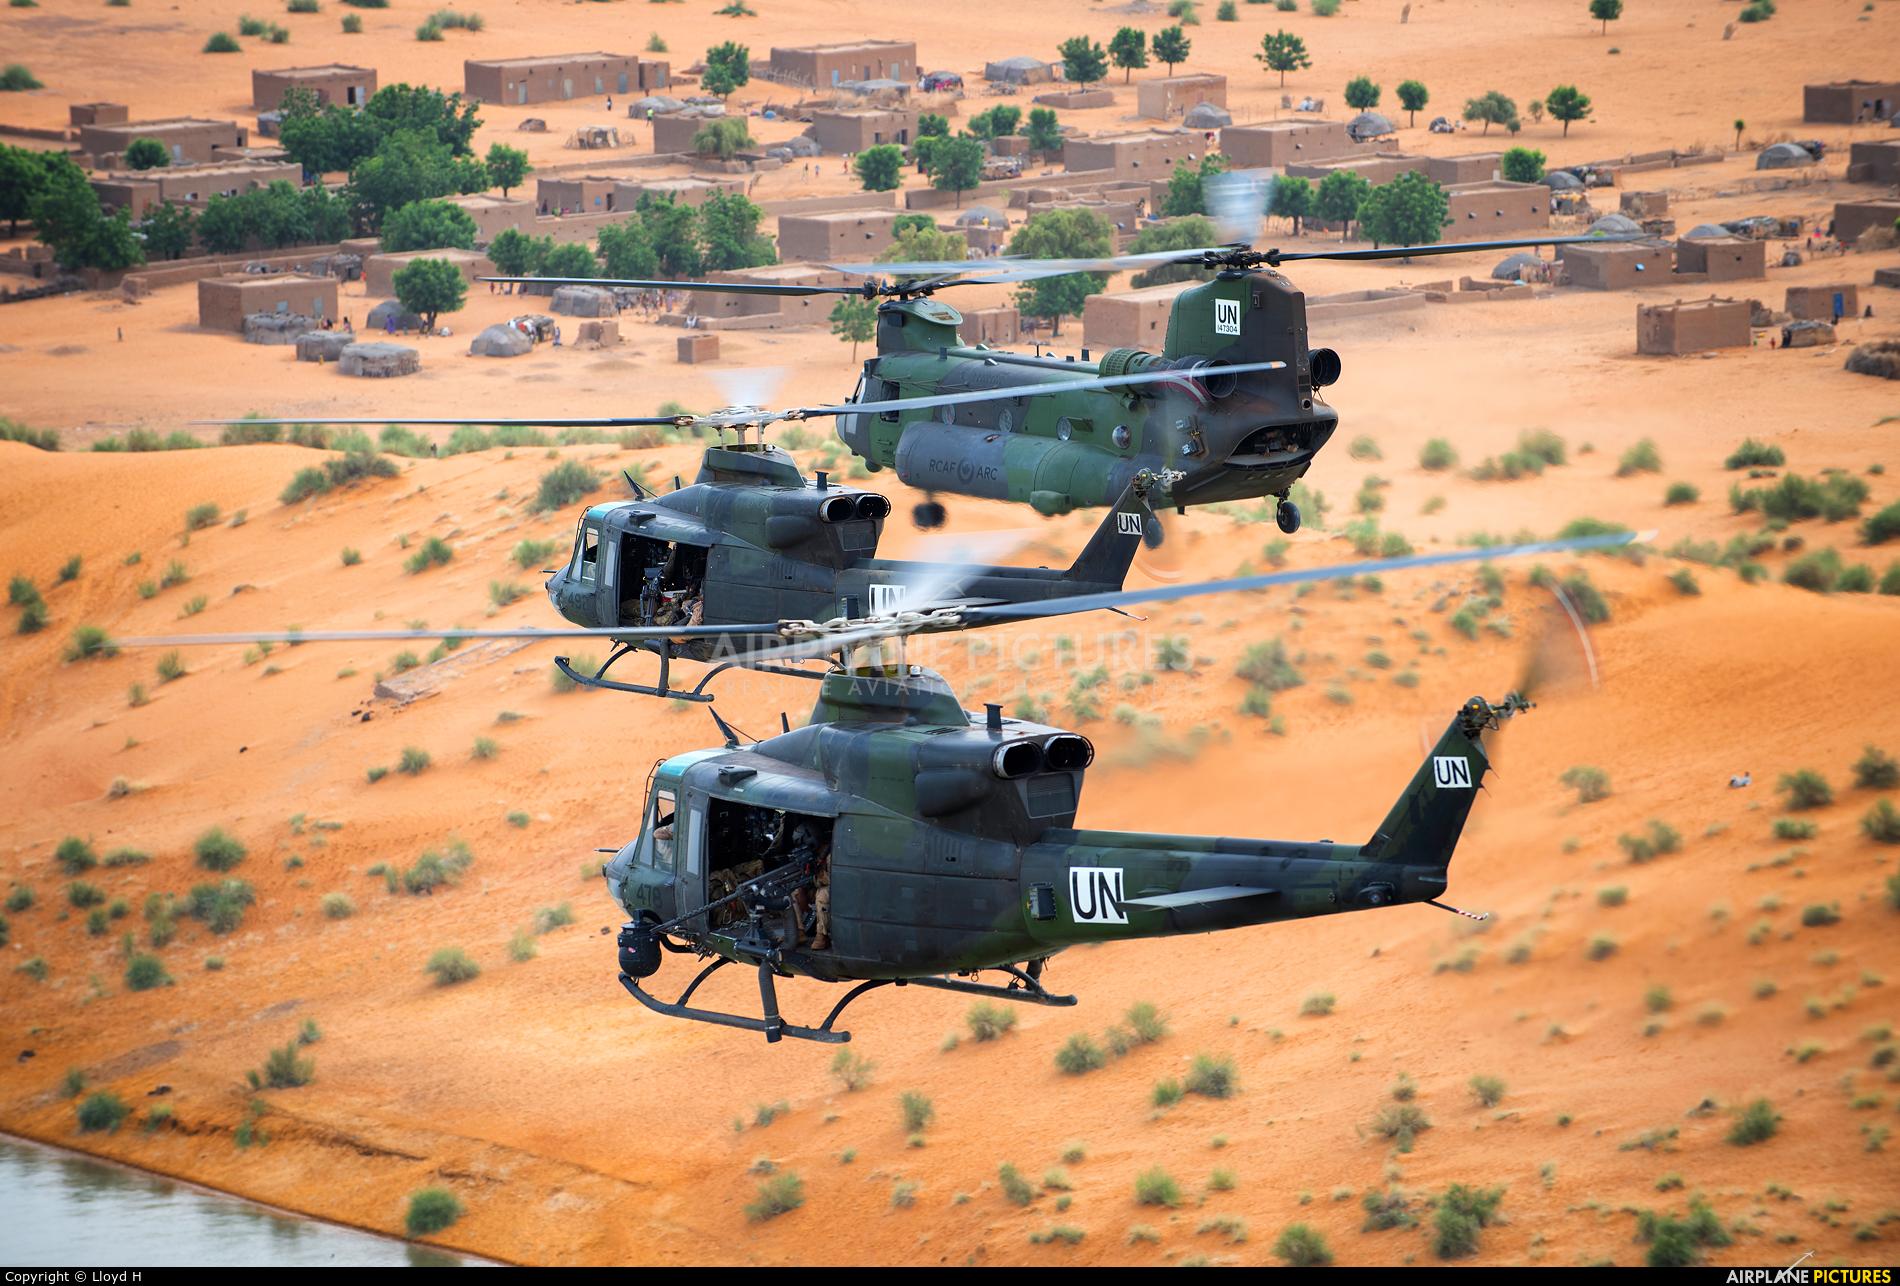 Canada - Air Force 147304 aircraft at In Flight - Mali